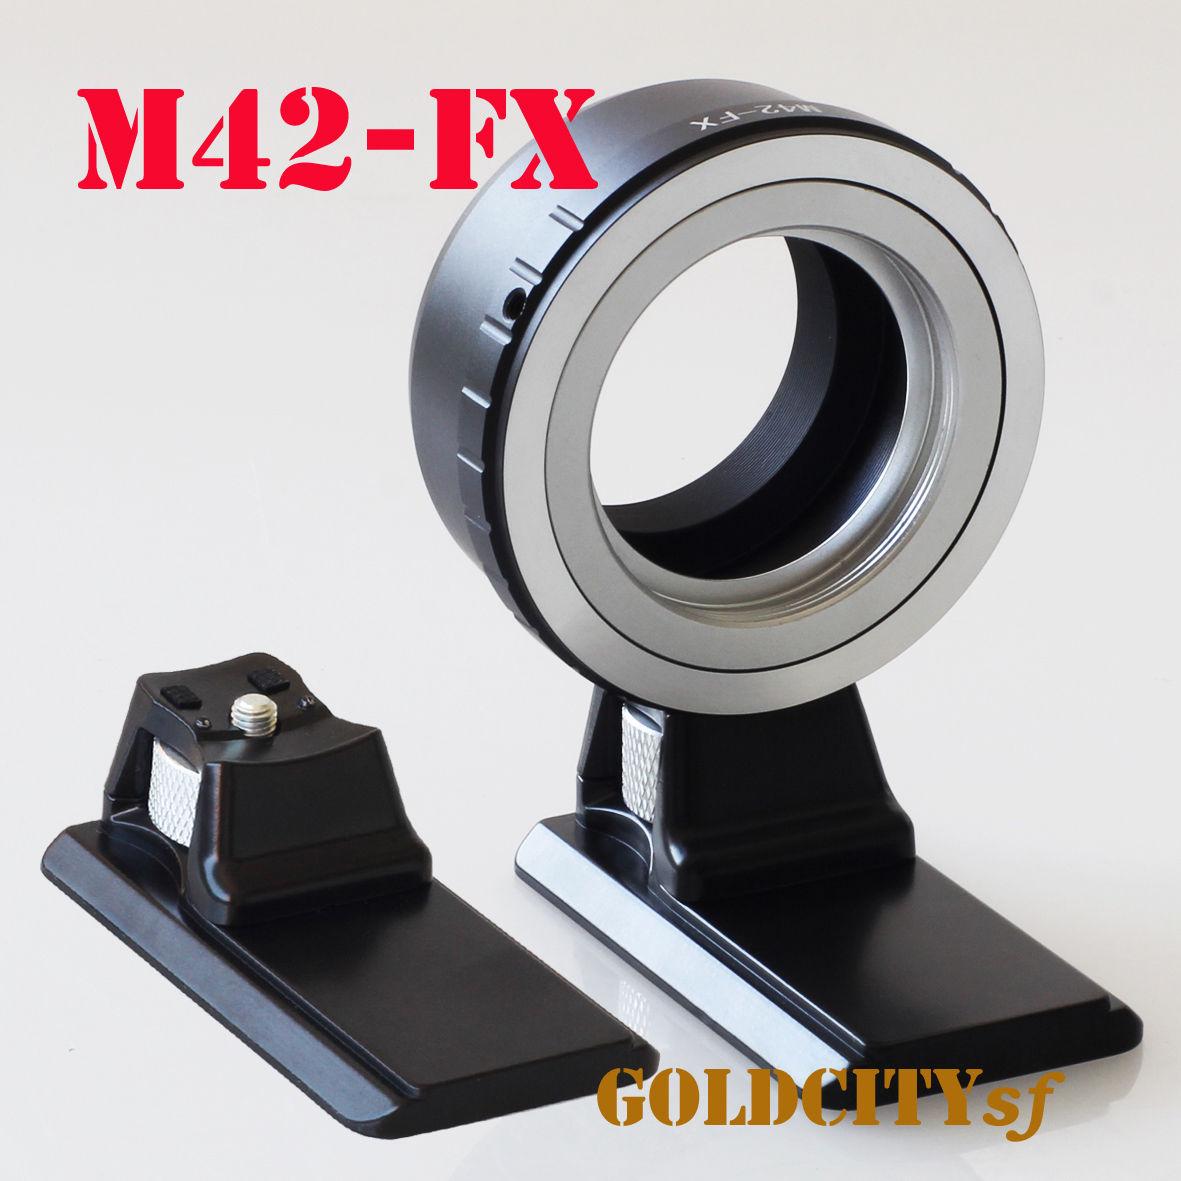 M42 42mm lens anello adattatore con Treppiede per Fotocamera Fujifilm fuji FX X X-E2/X-E1/X-Pro1/X-M1/X-A2/A1/X-T1 xpro2 fotocamera